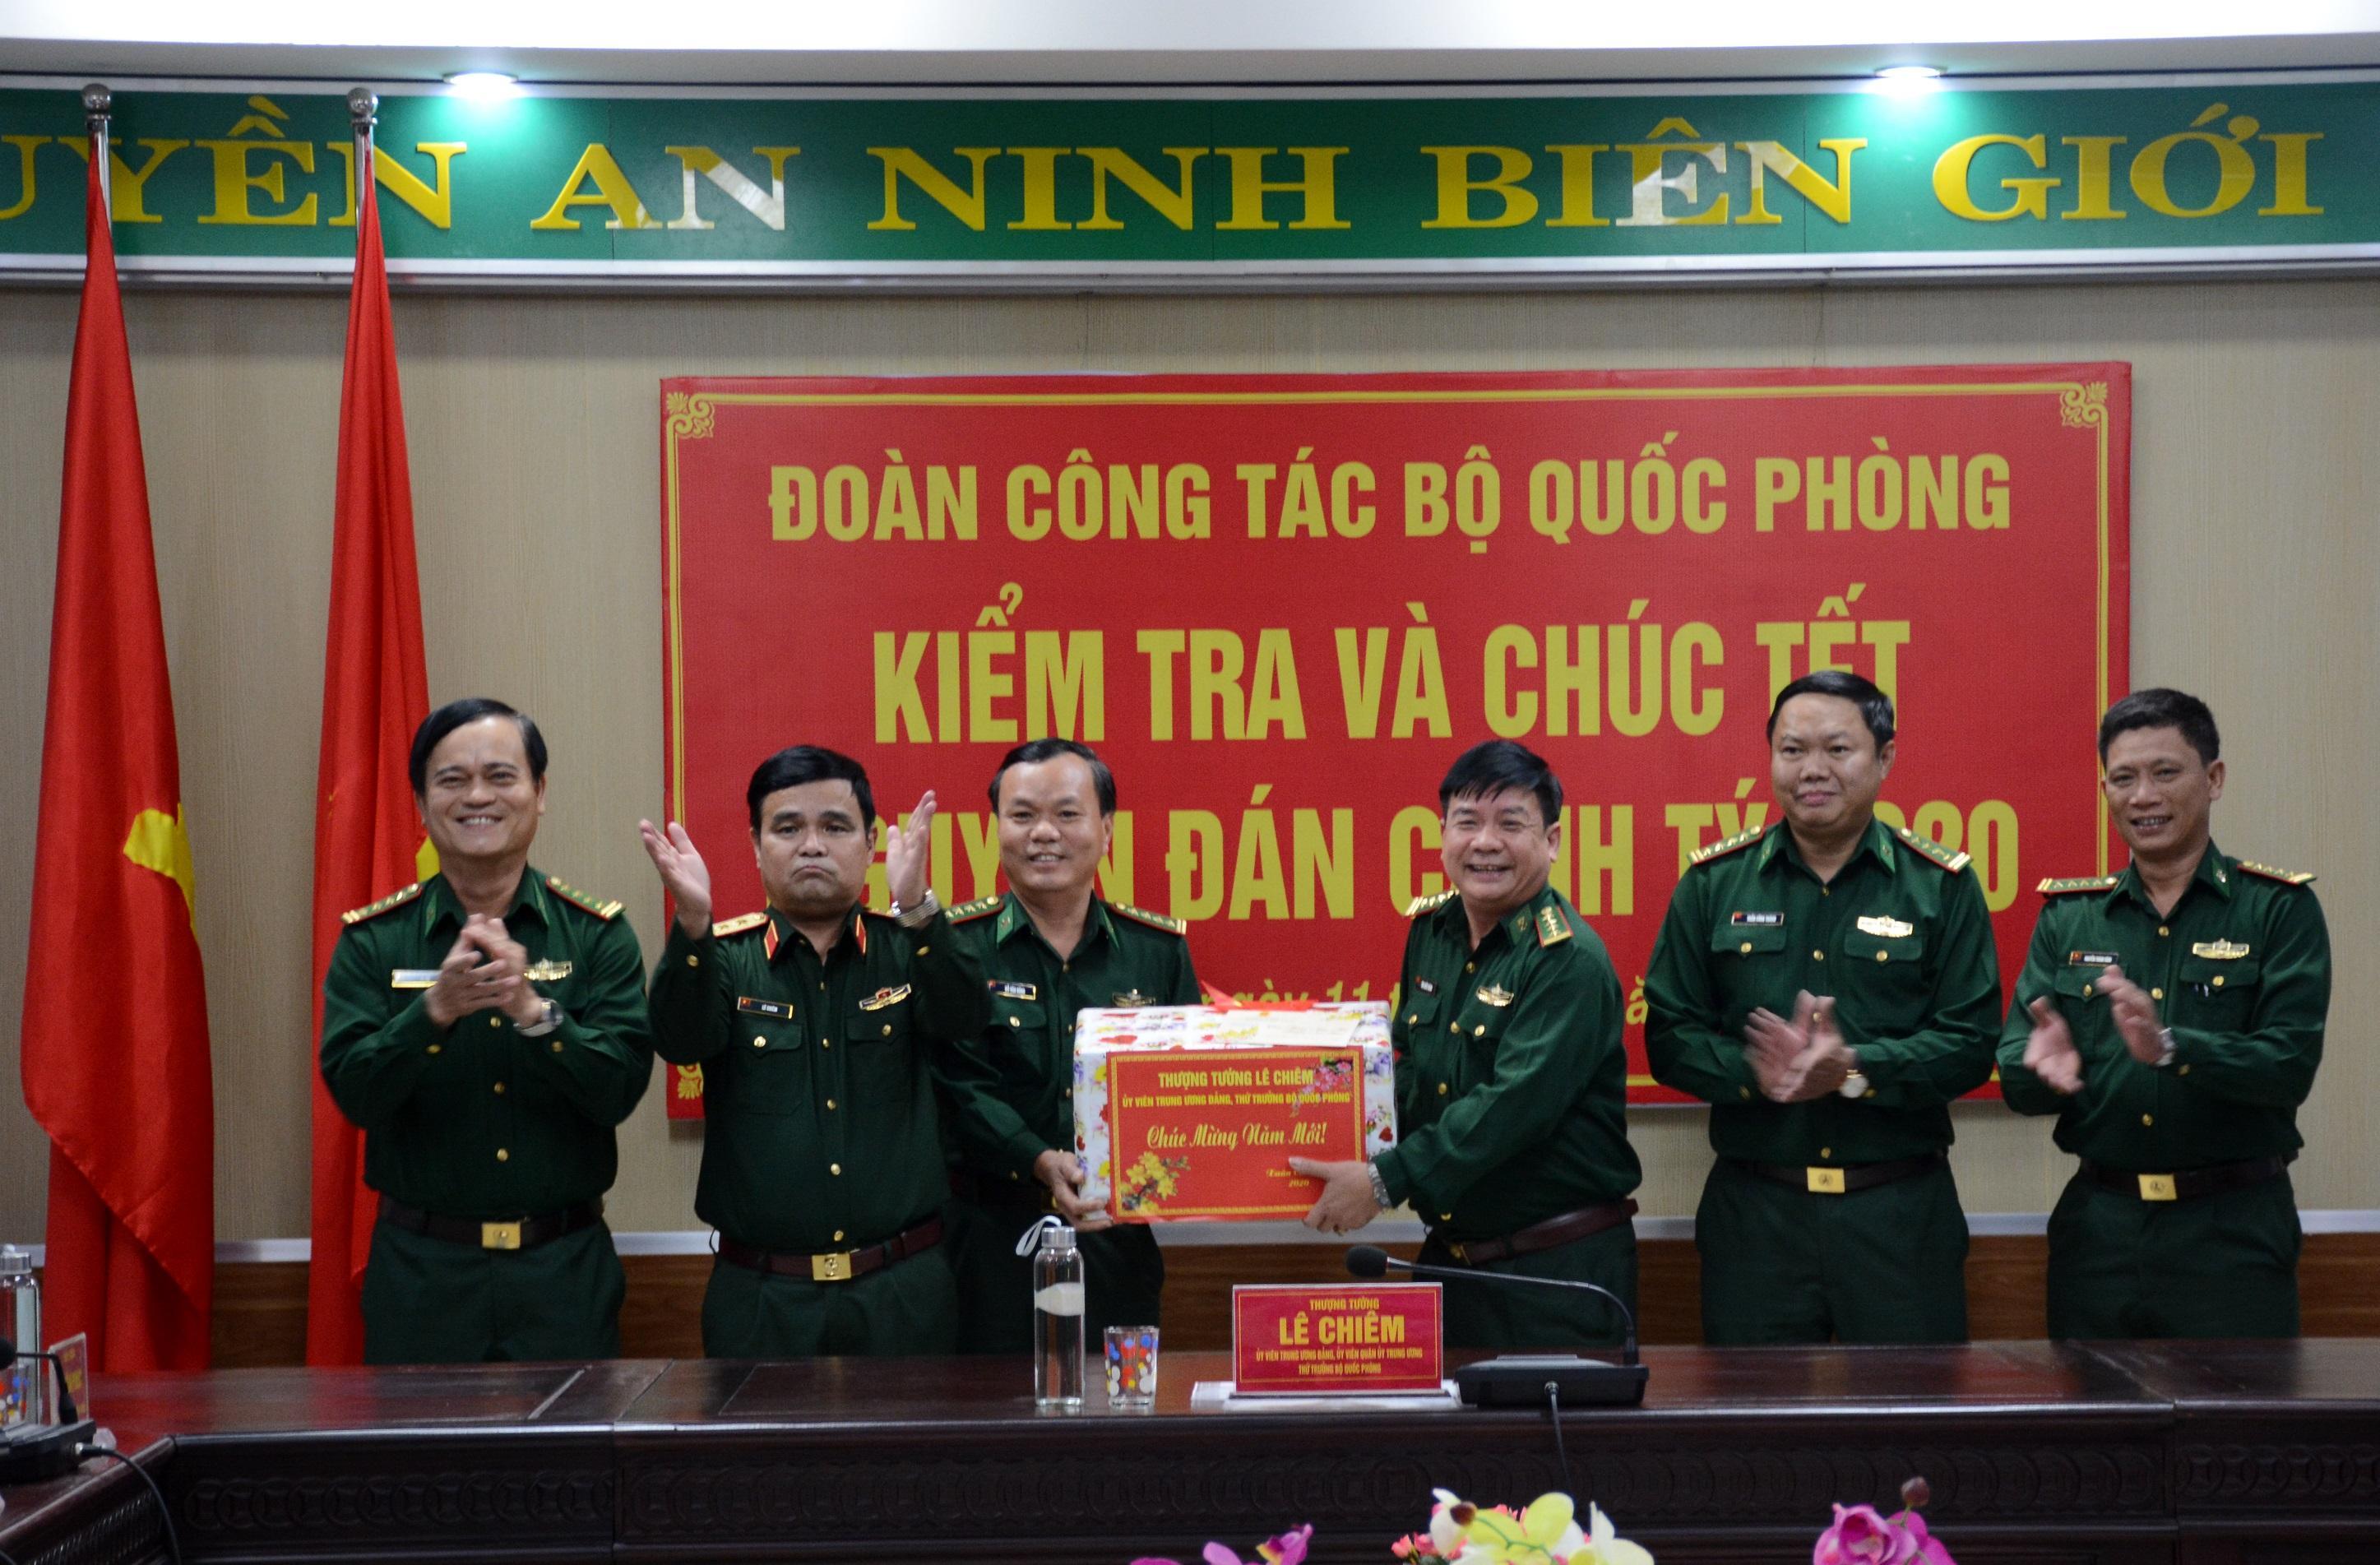 Đoàn công tác Bộ Quốc phòng kiểm tra, chúc tết tại Đà Nẵng Ảnh 2